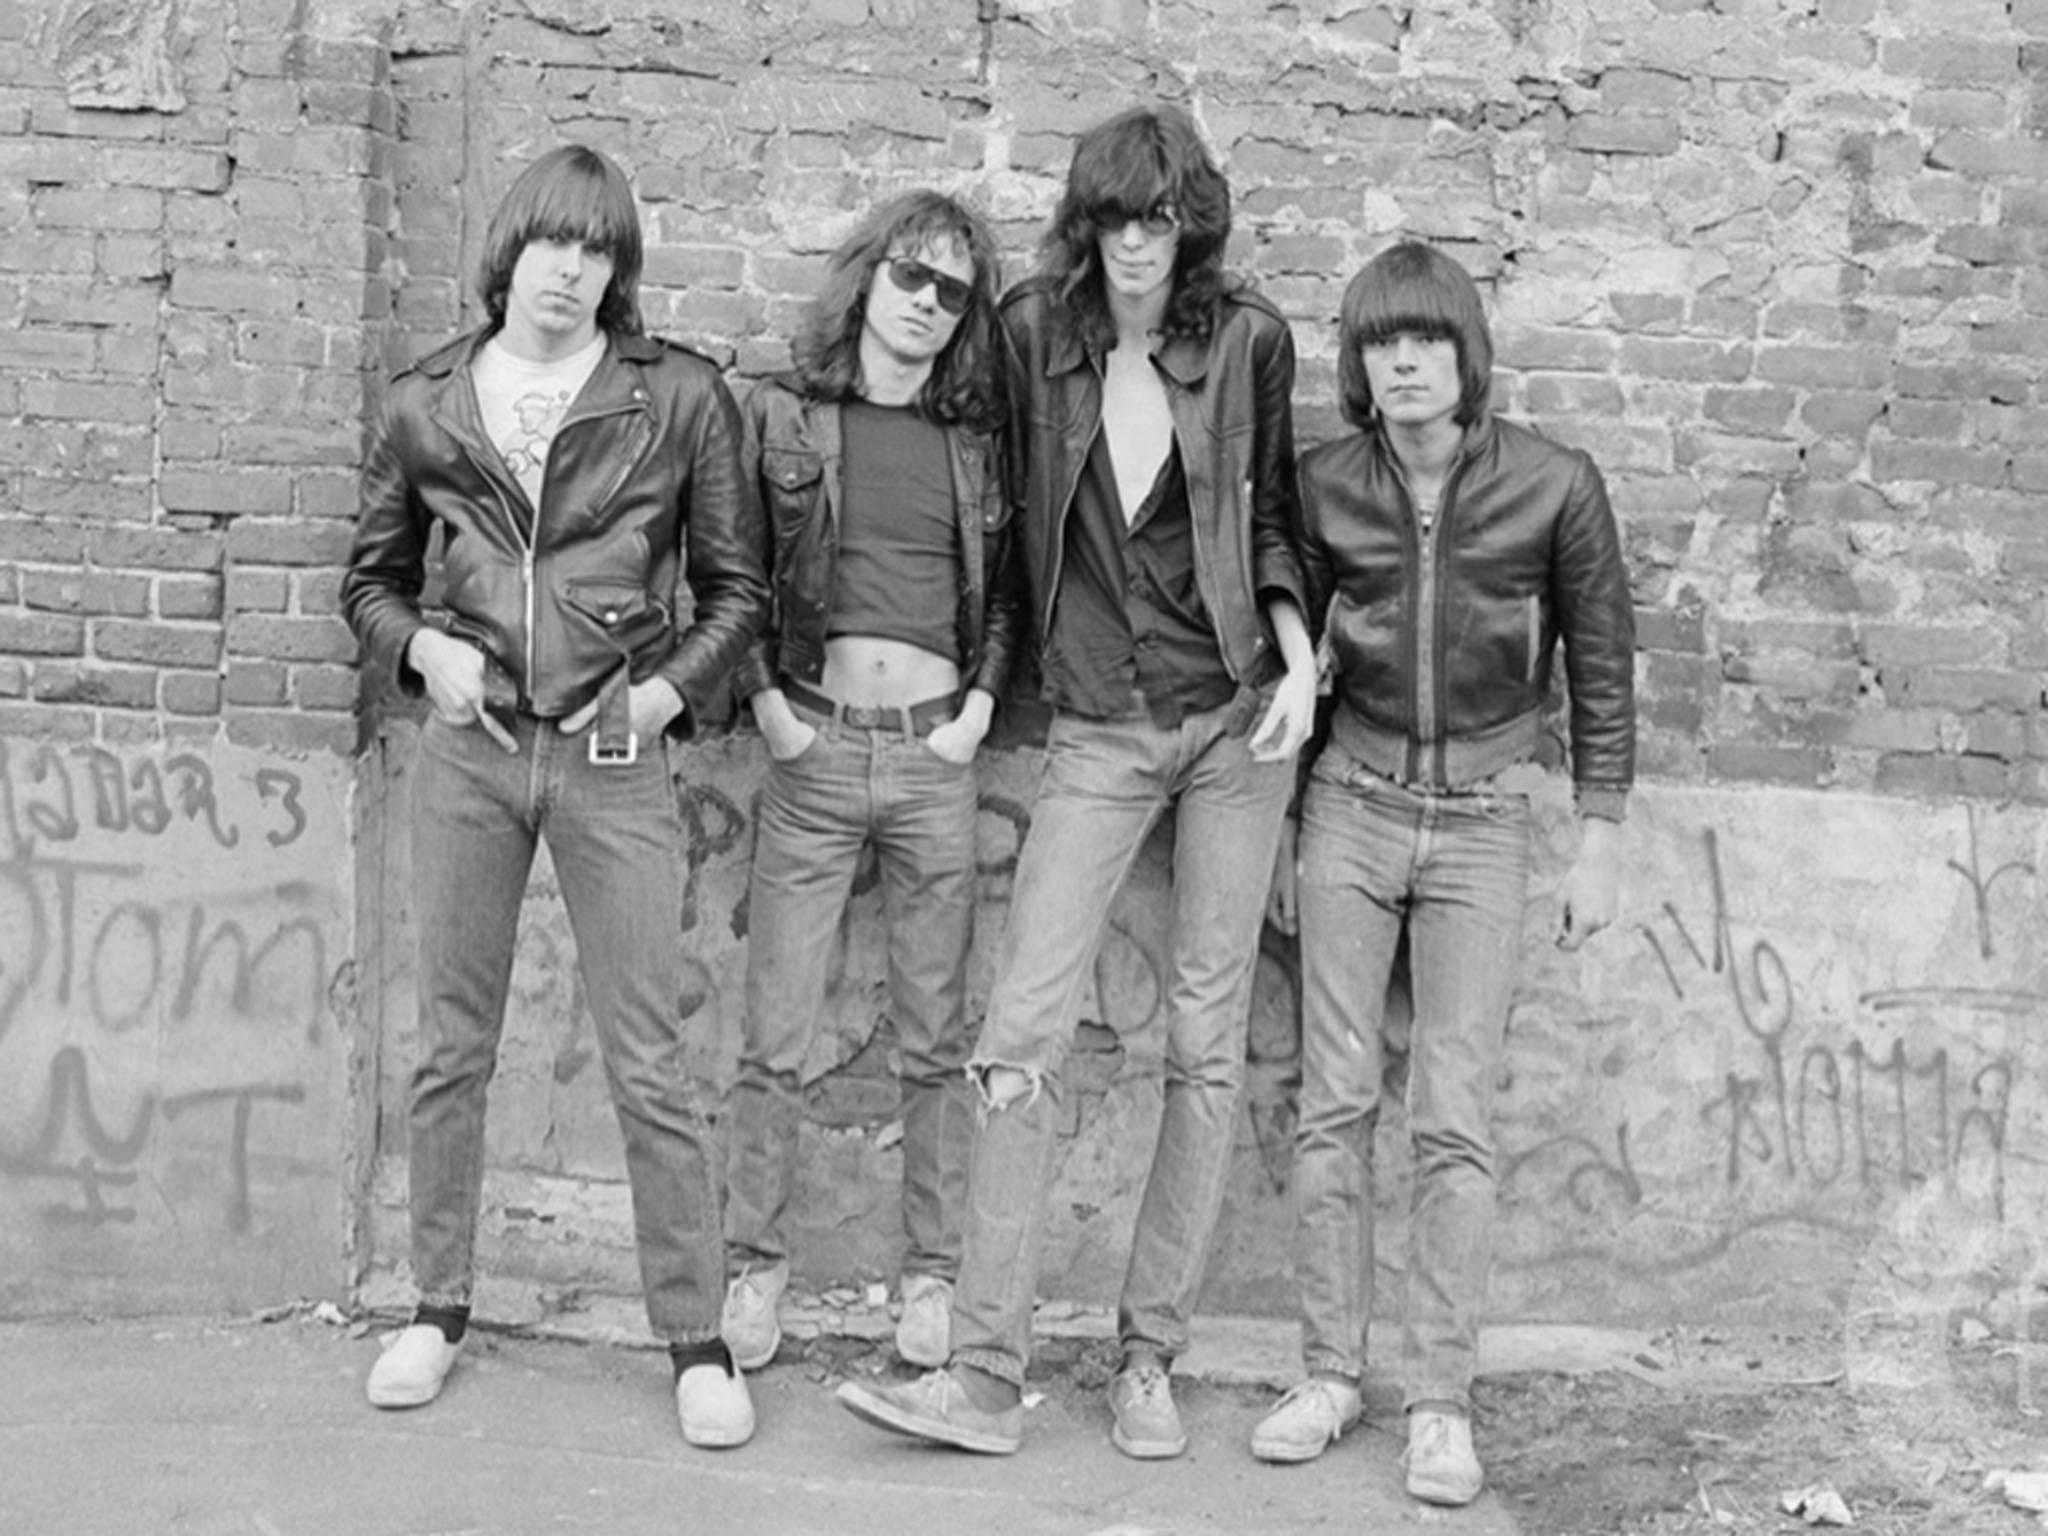 Gut für die Street-Credibility: Die Ramones bekommen ihre eigene Straße in New York.